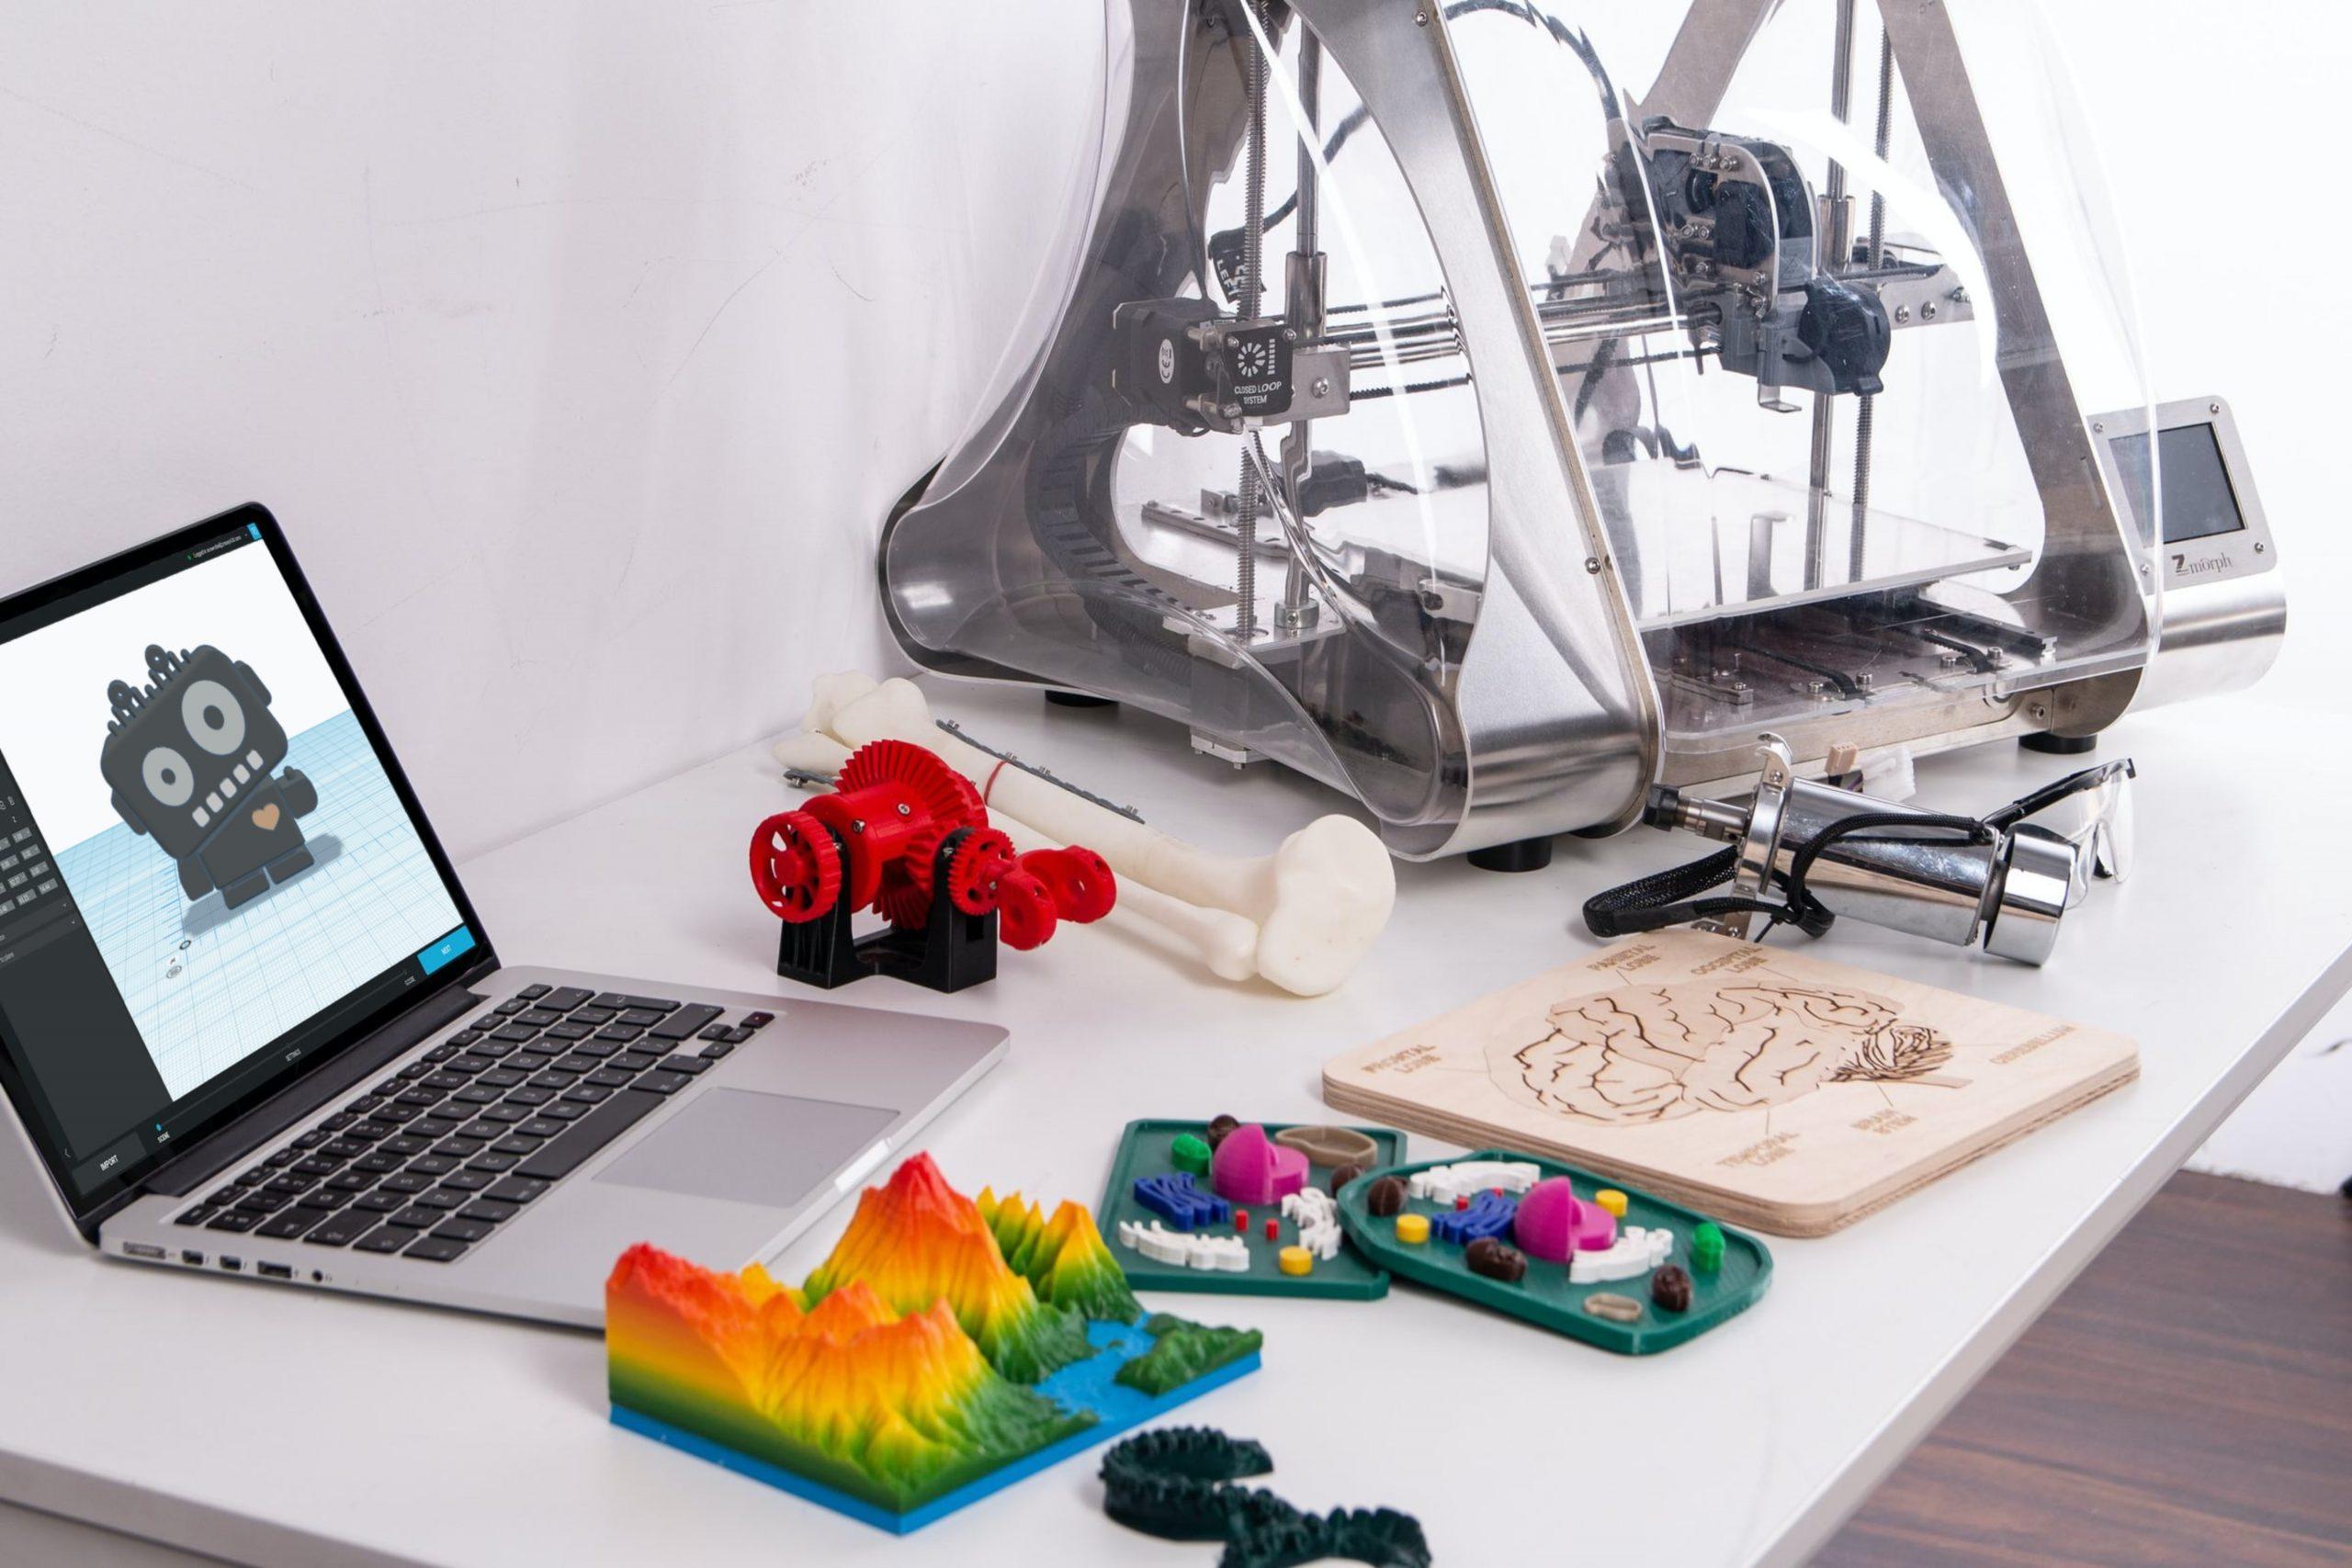 fabrica de produse digitale